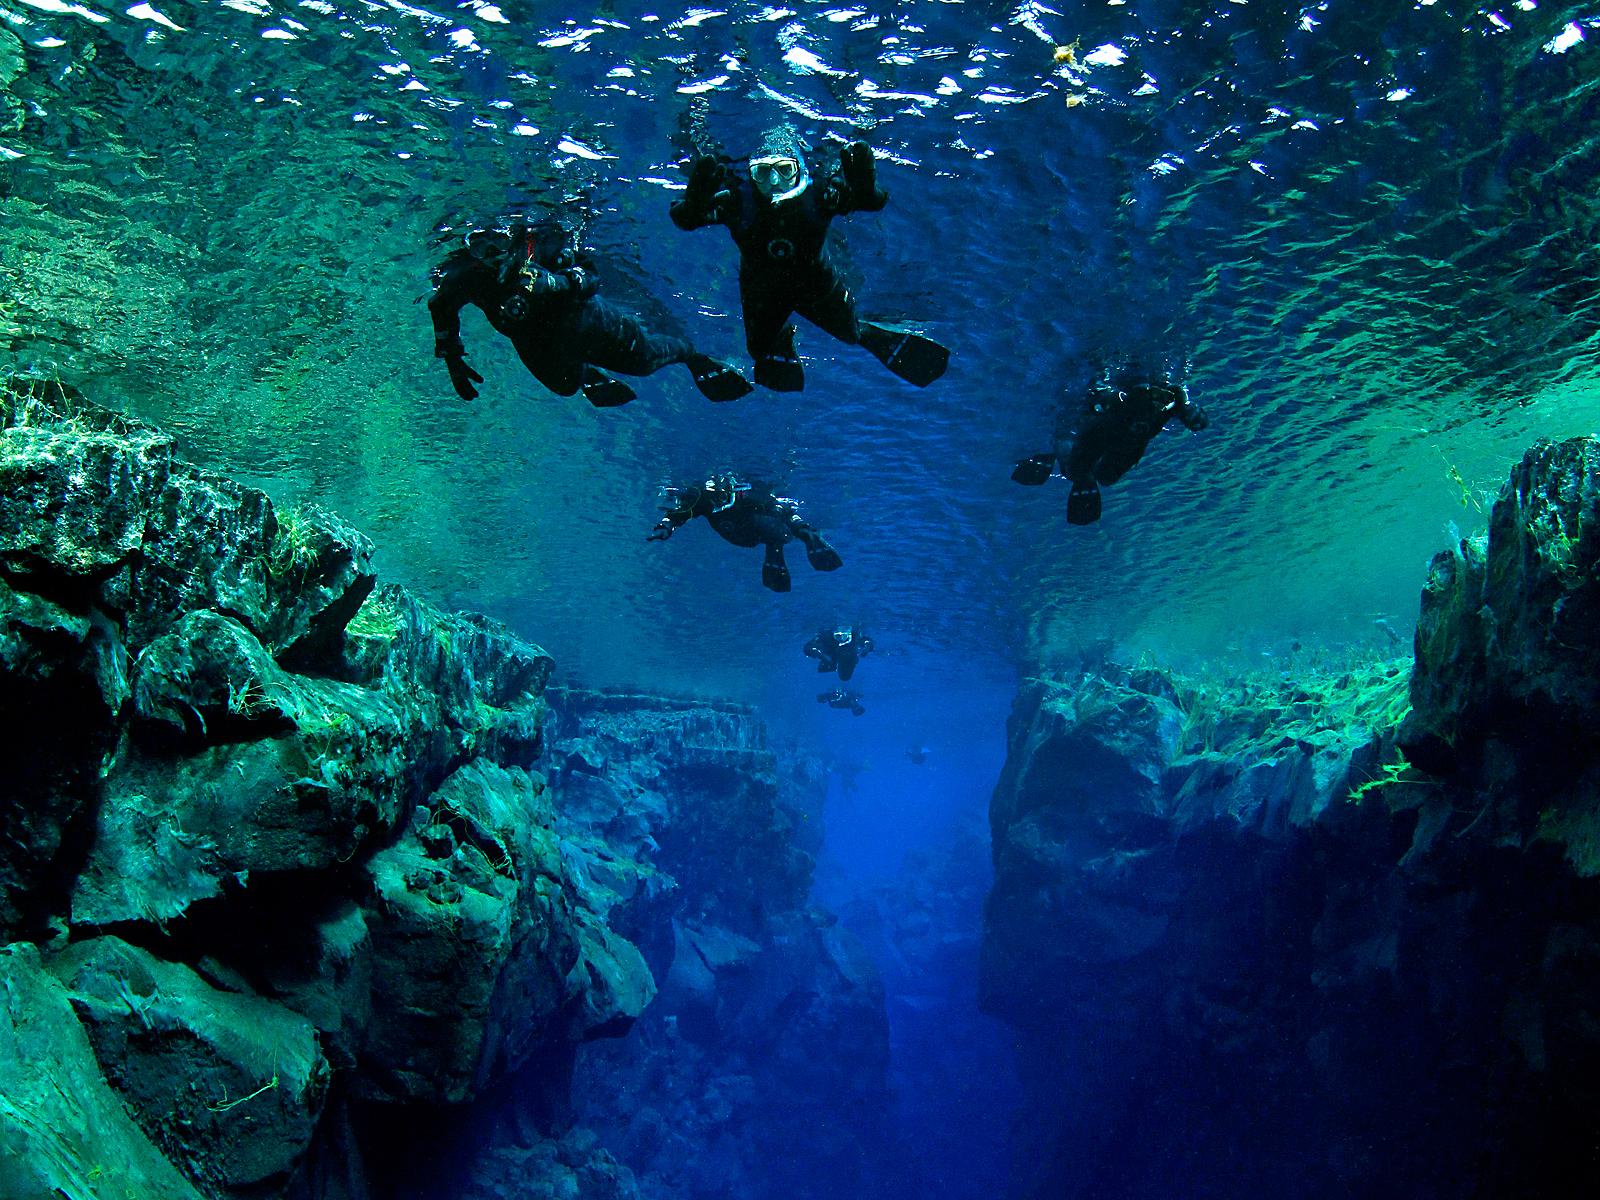 De kloof Silfra wordt vaak genoemd als een van de 10 beste duik- en snorkellocaties ter wereld.